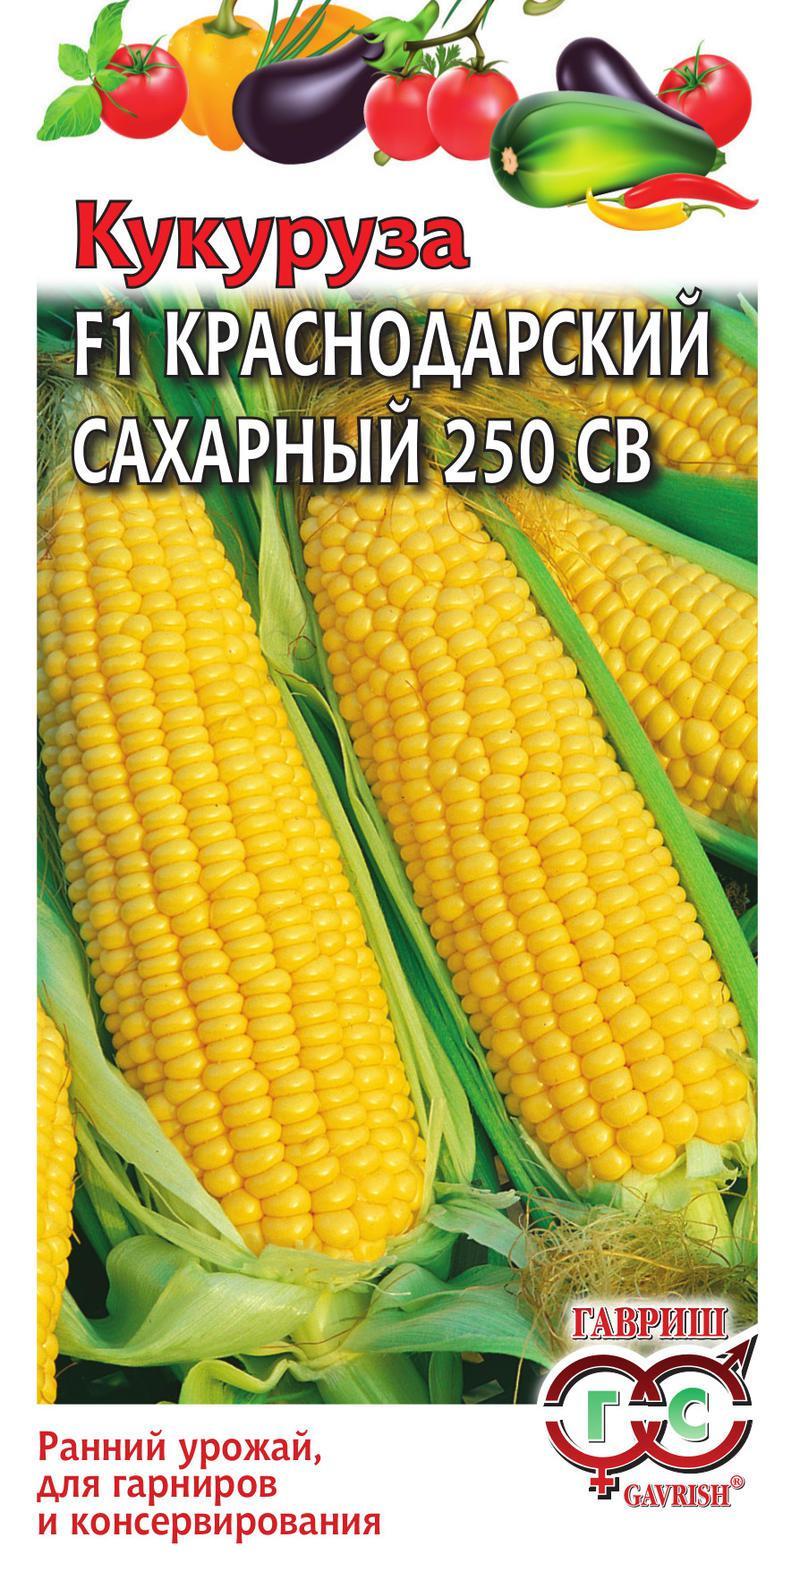 Кукуруза Краснодарский сах. 250 СВ F1 5,0 г Уд. с.